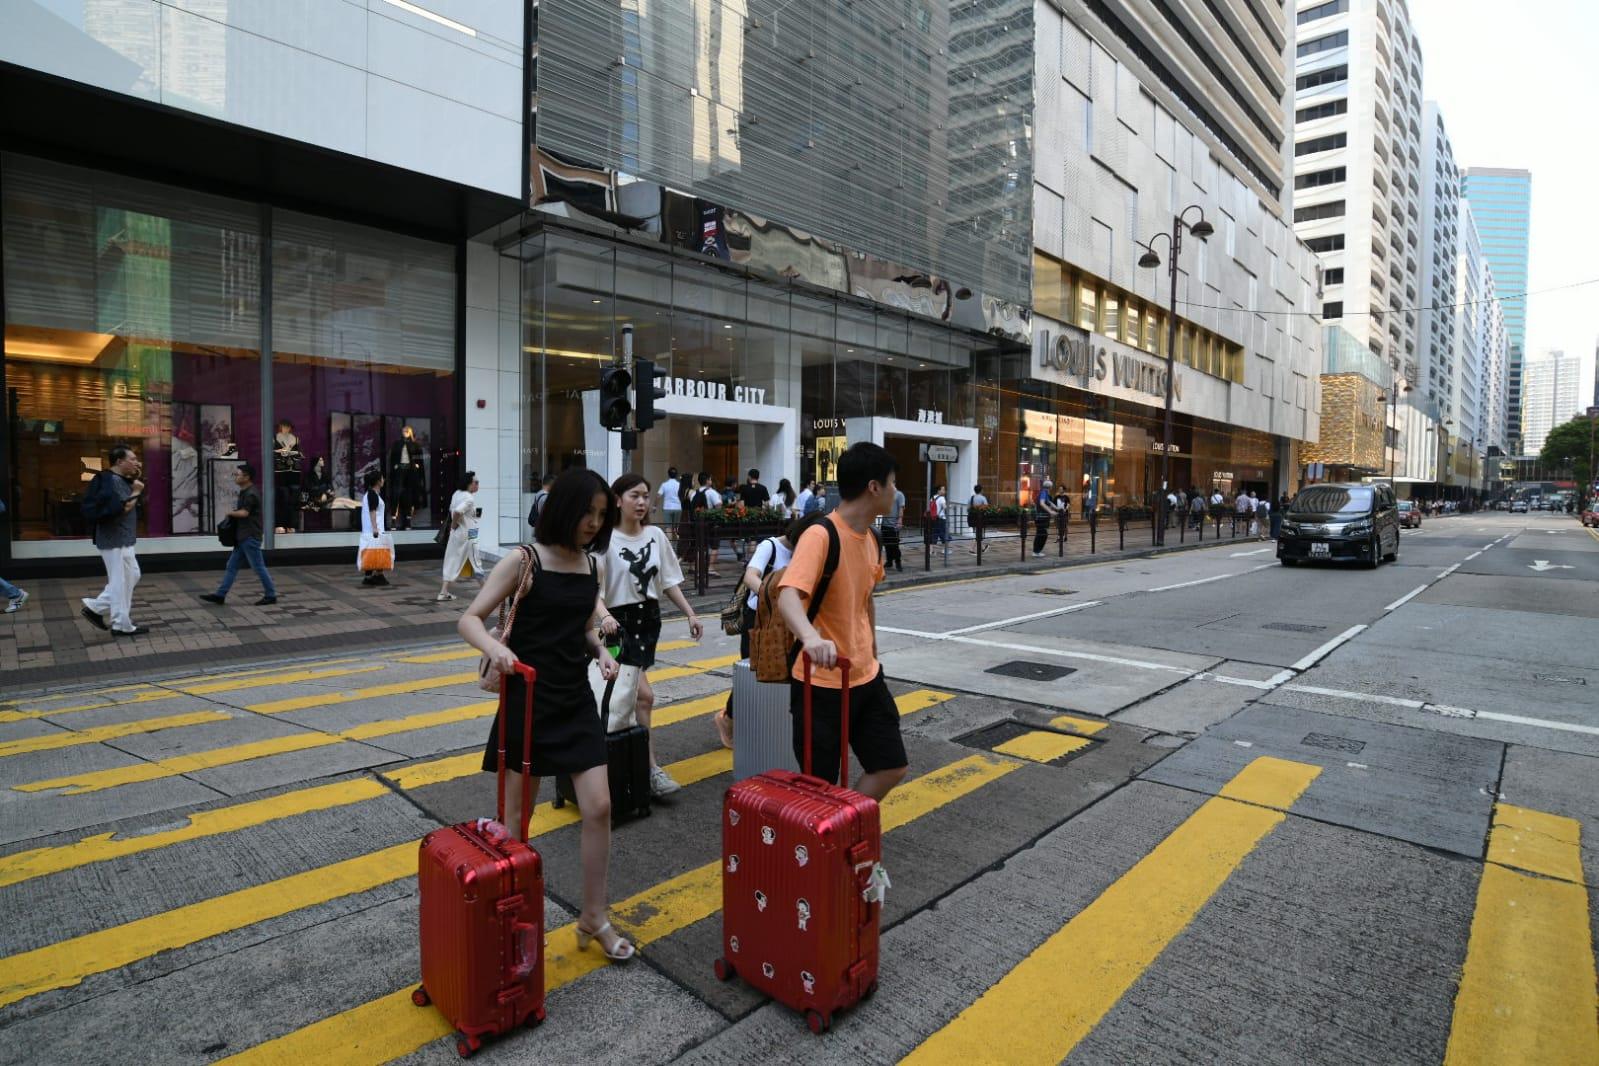 受示威活動影響,旅客行程亦受阻。